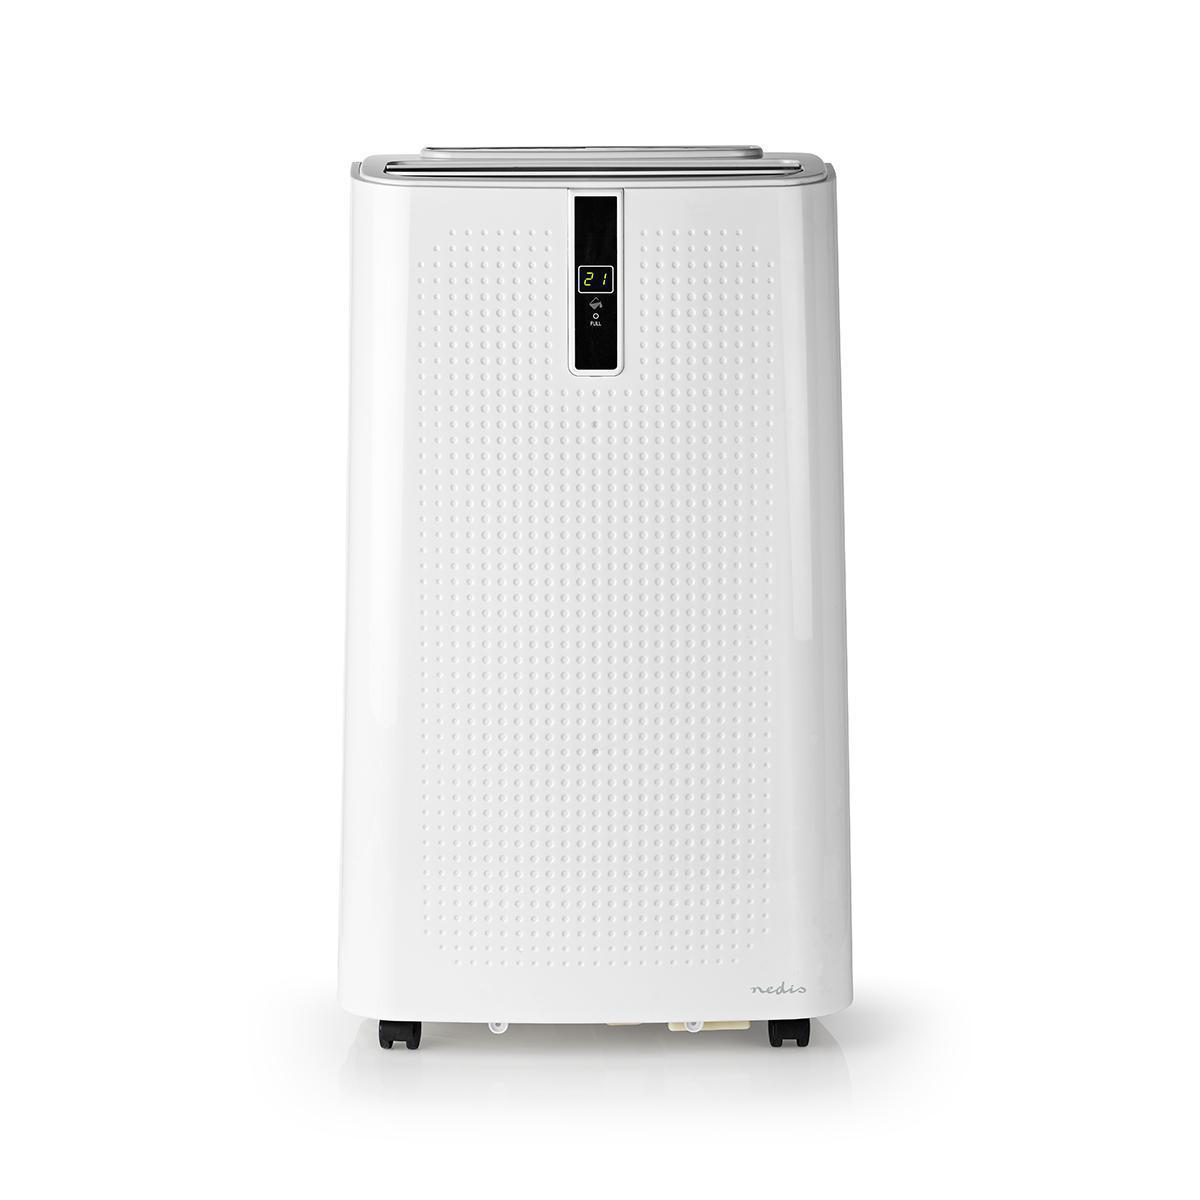 Mobilt luftkonditioneringssystem 9000